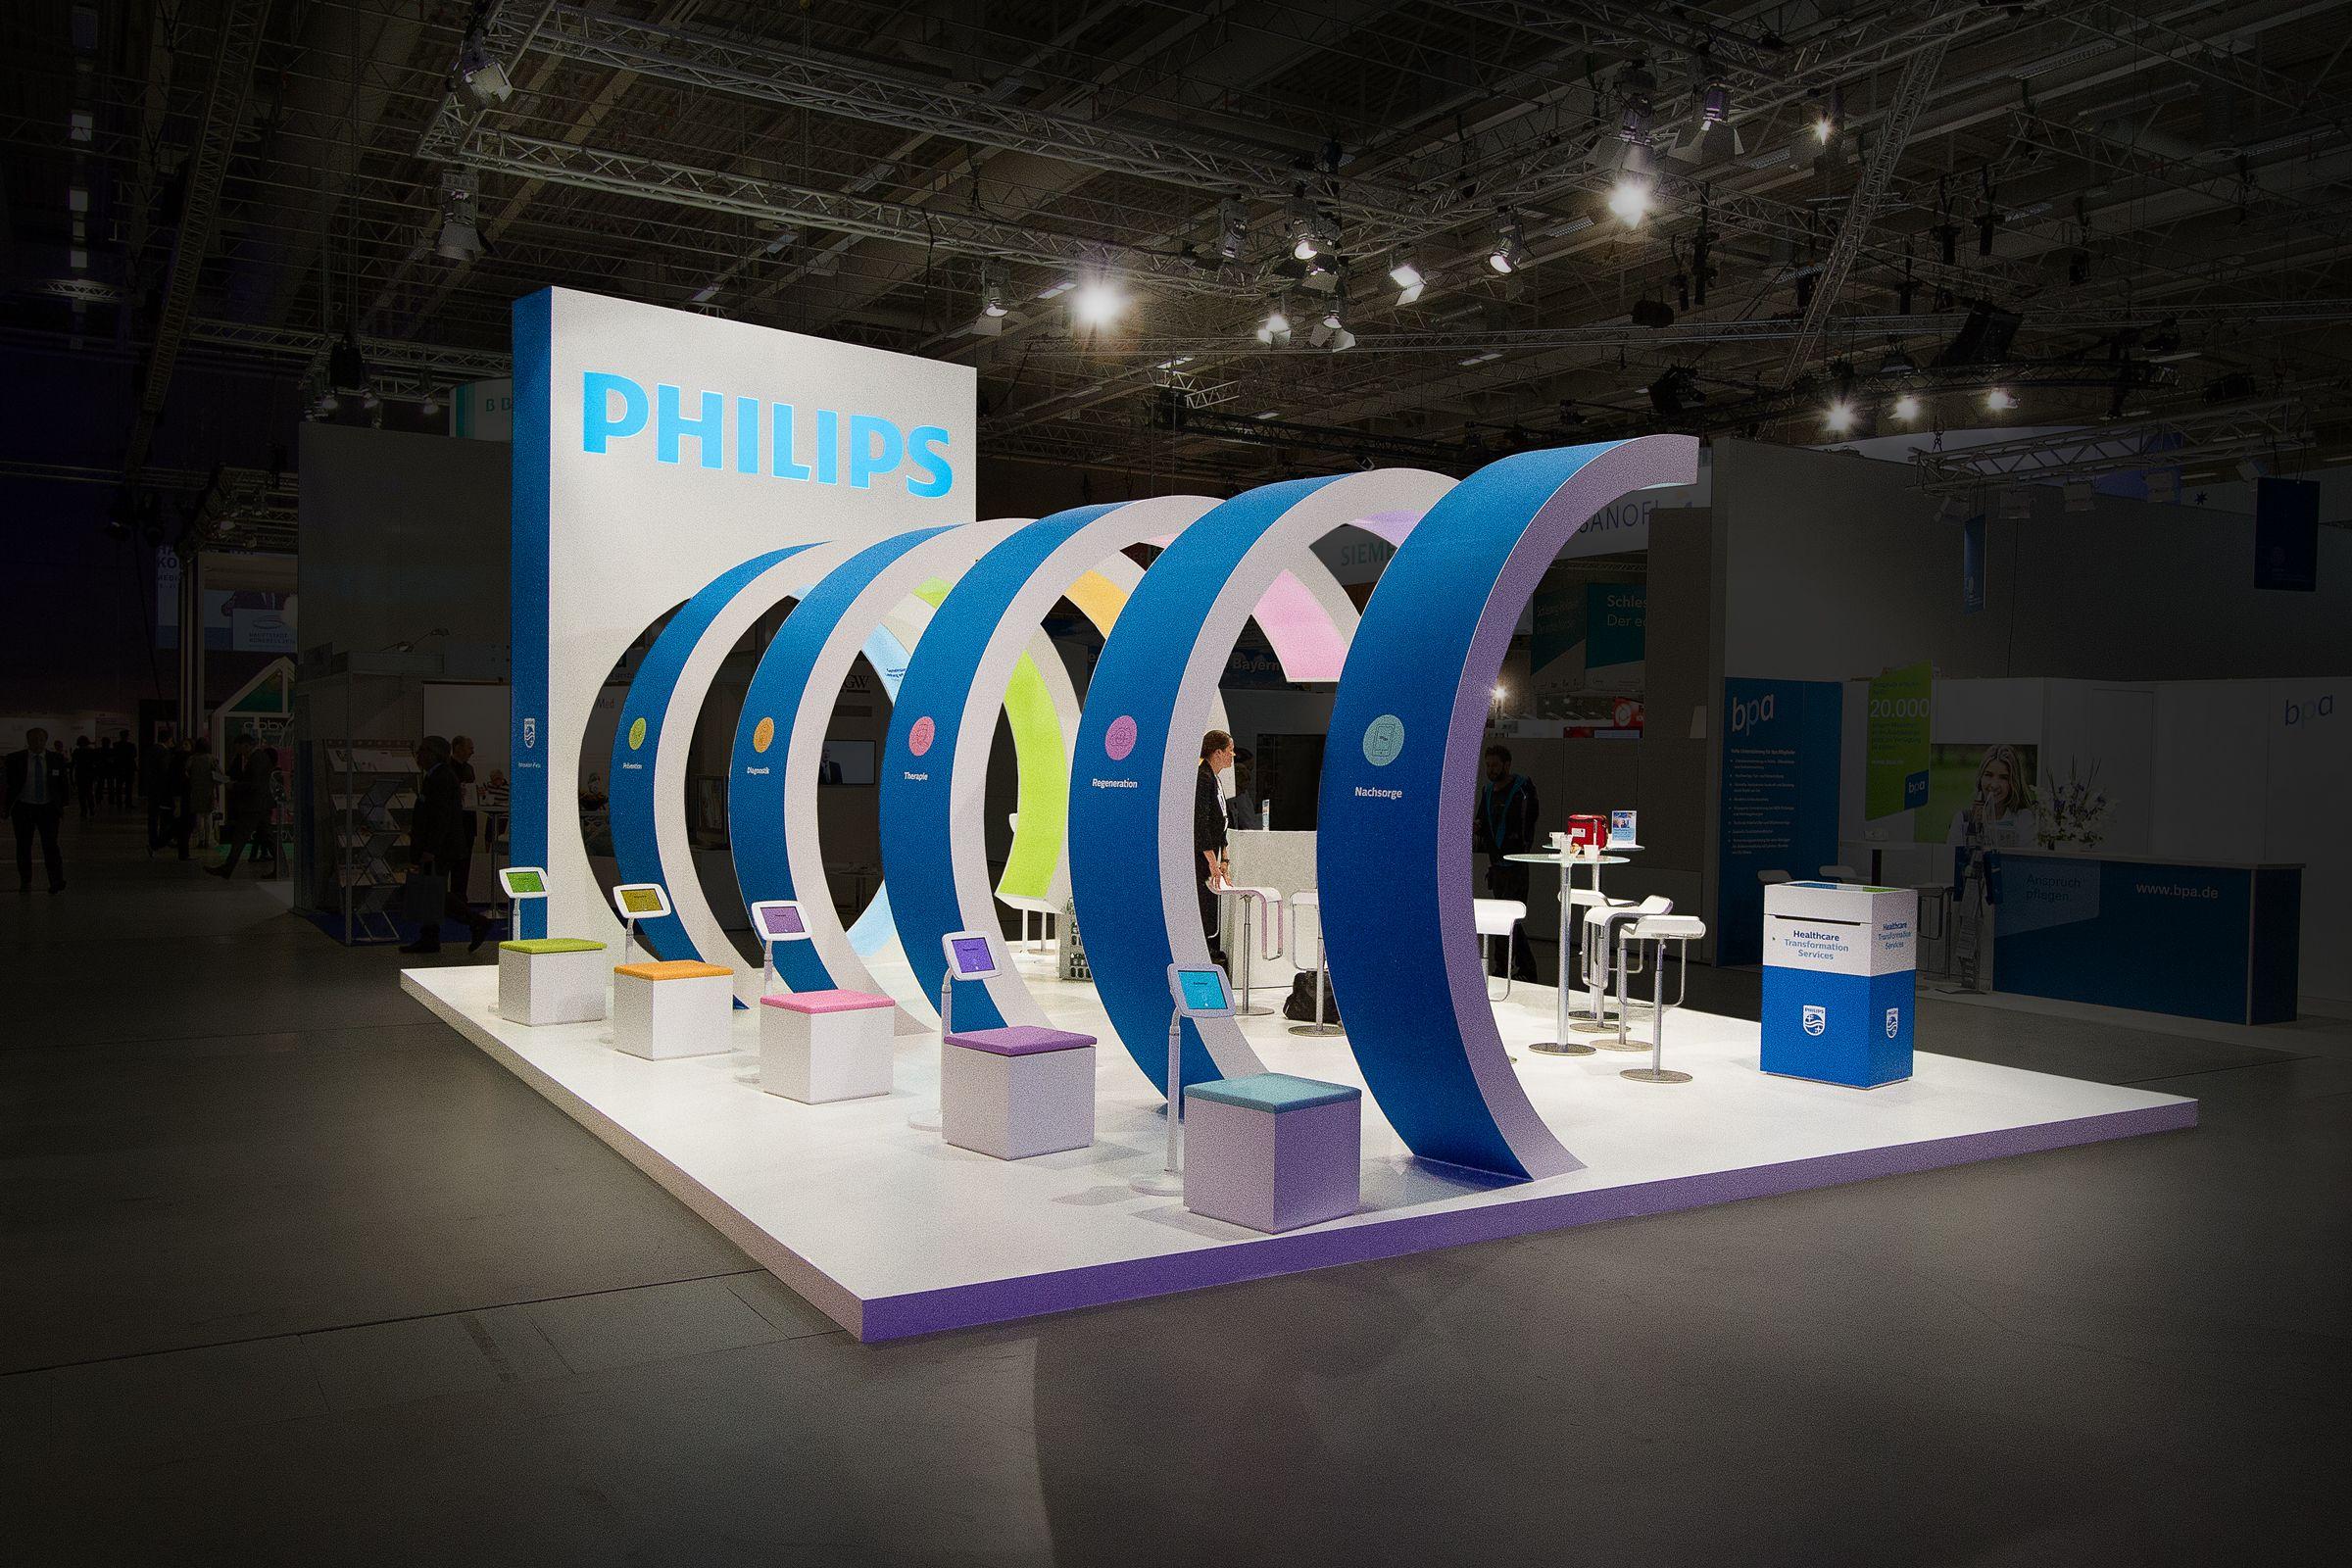 Nice Philips Messestand Konzept Design Medienbespielung by Super an der Spree